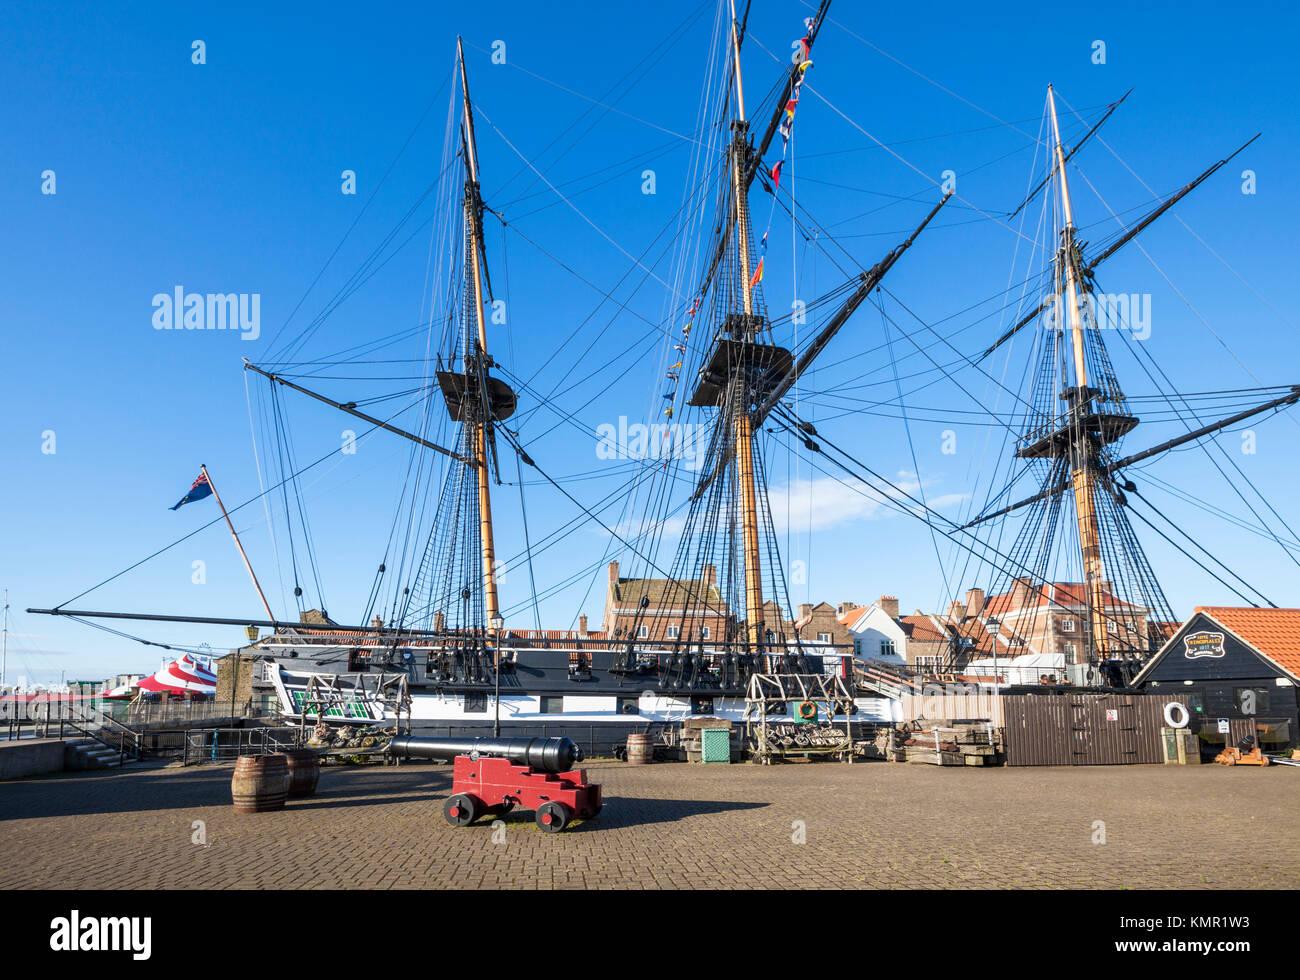 England England hartlepool Hartlepool Marina H M S Trincomalee einen Napoleonischen Krieg marine Fregatte restauriert Stockbild